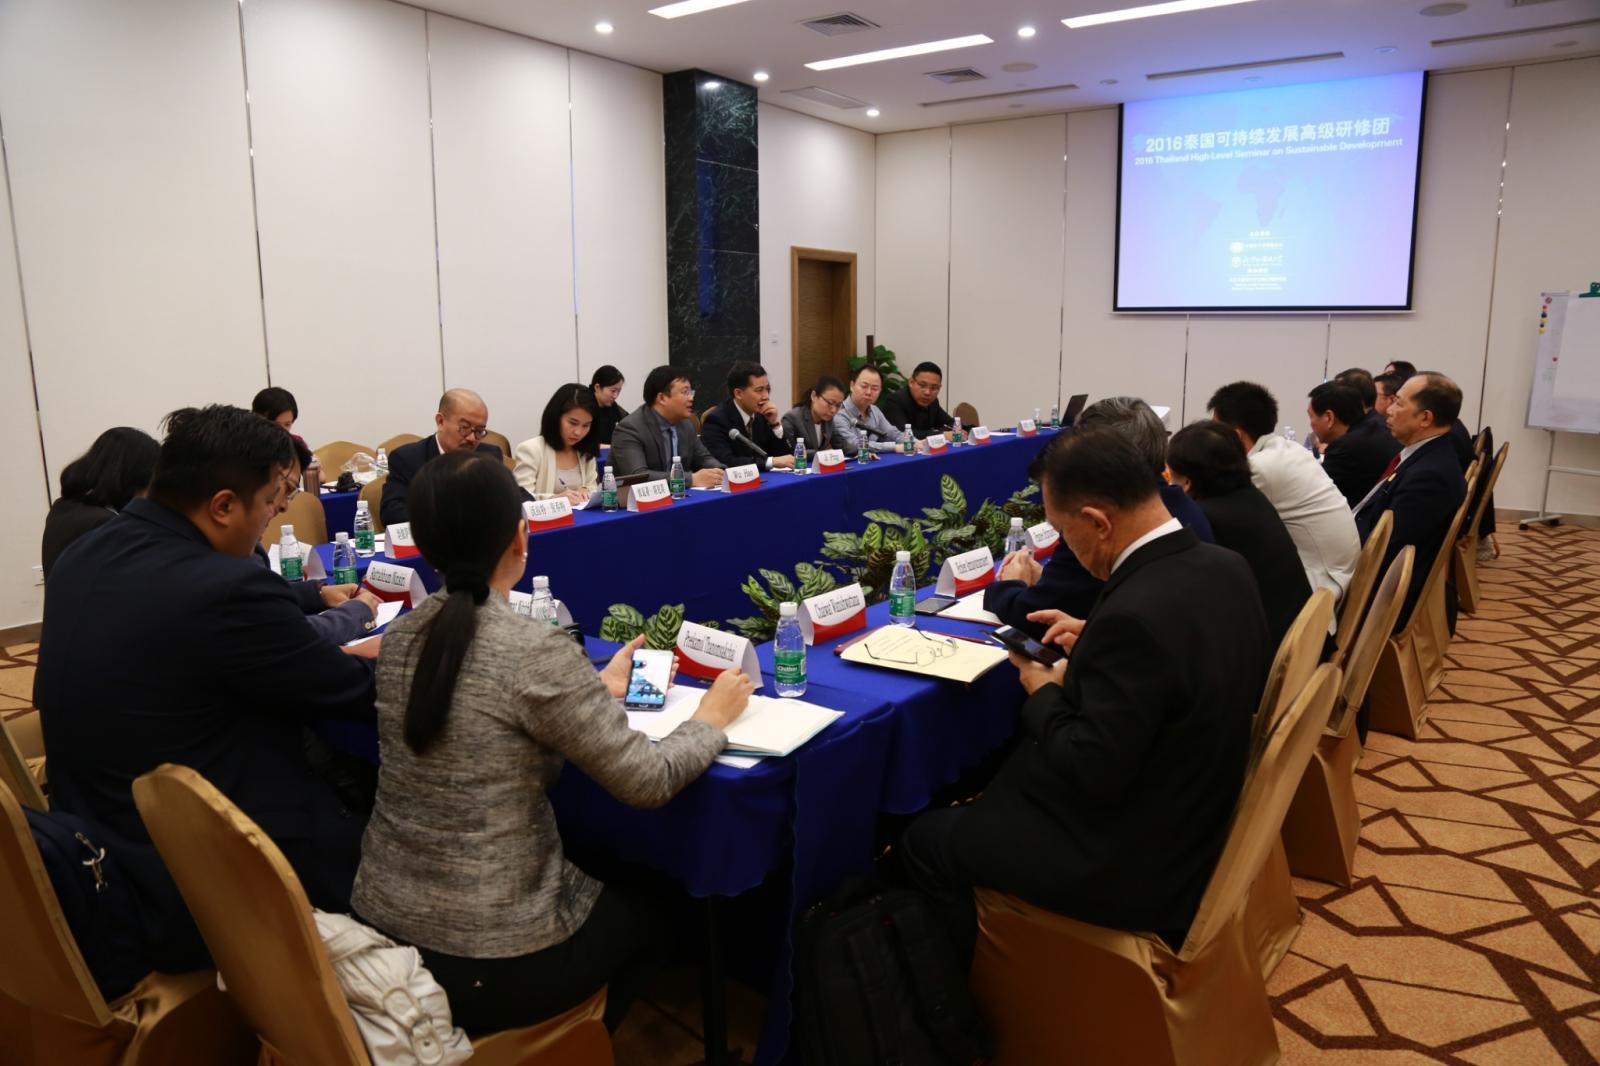 สัมมนาไทย-จีน สร้างความเข้าใจ 2 ชาติ